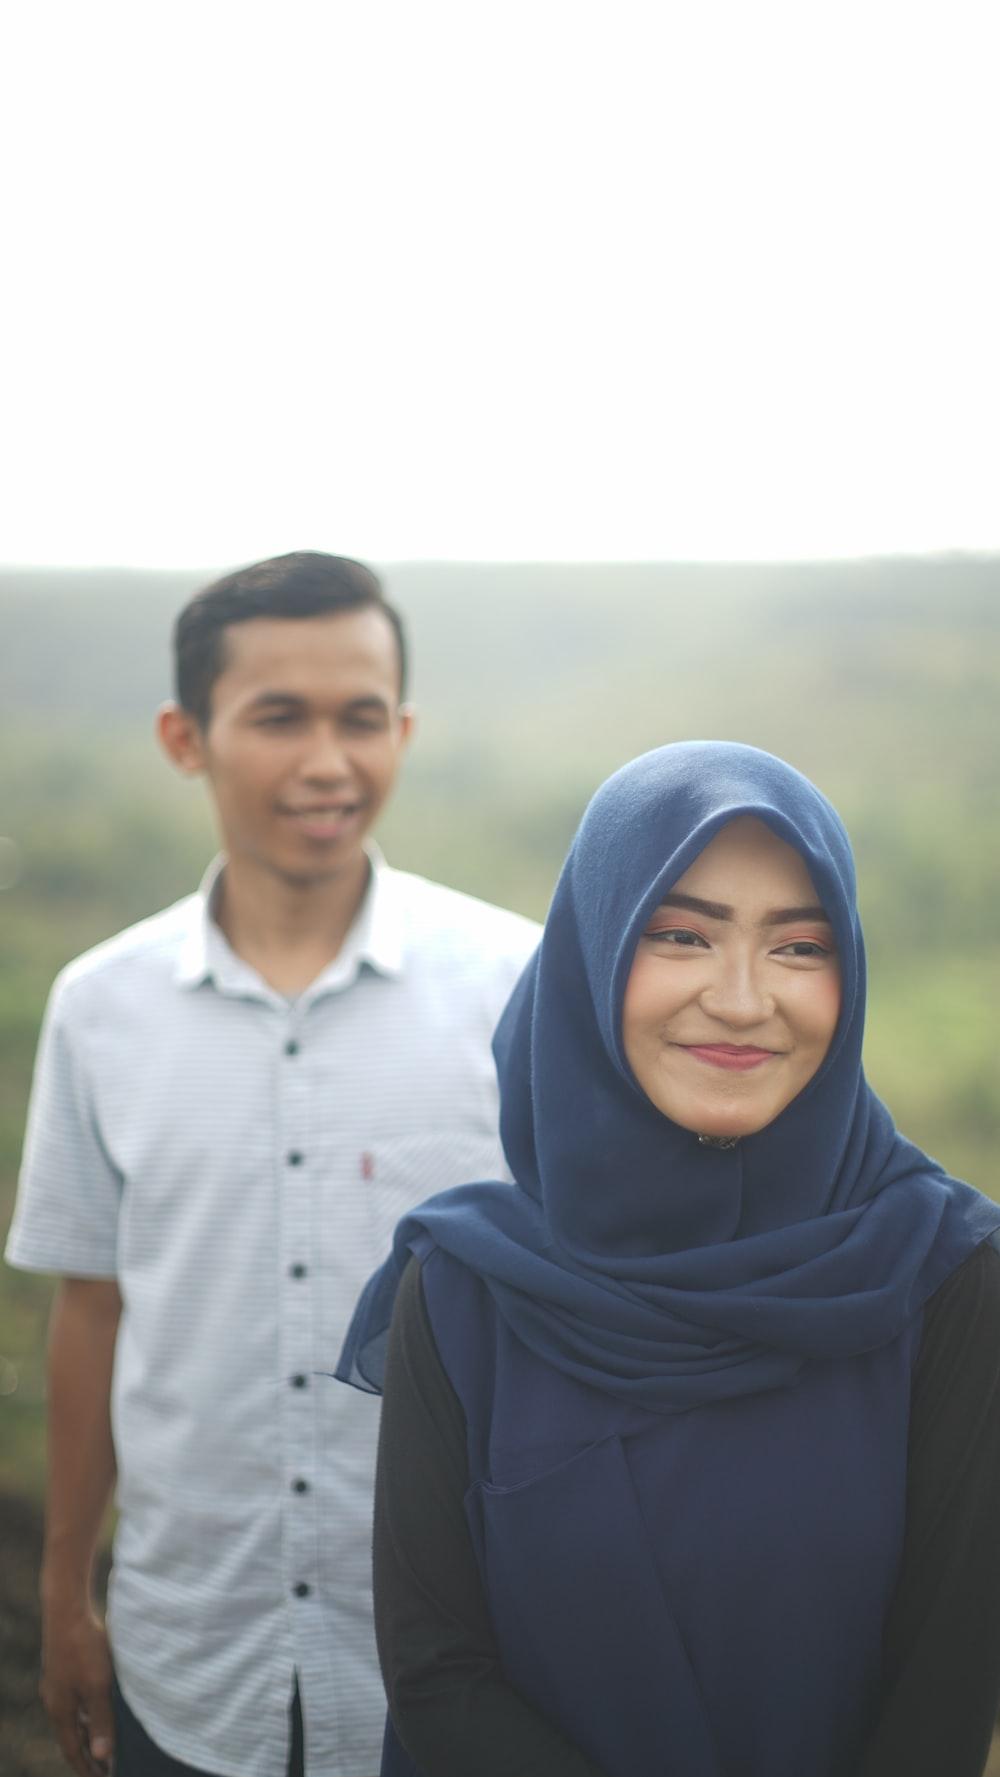 smiling woman beside man smiling